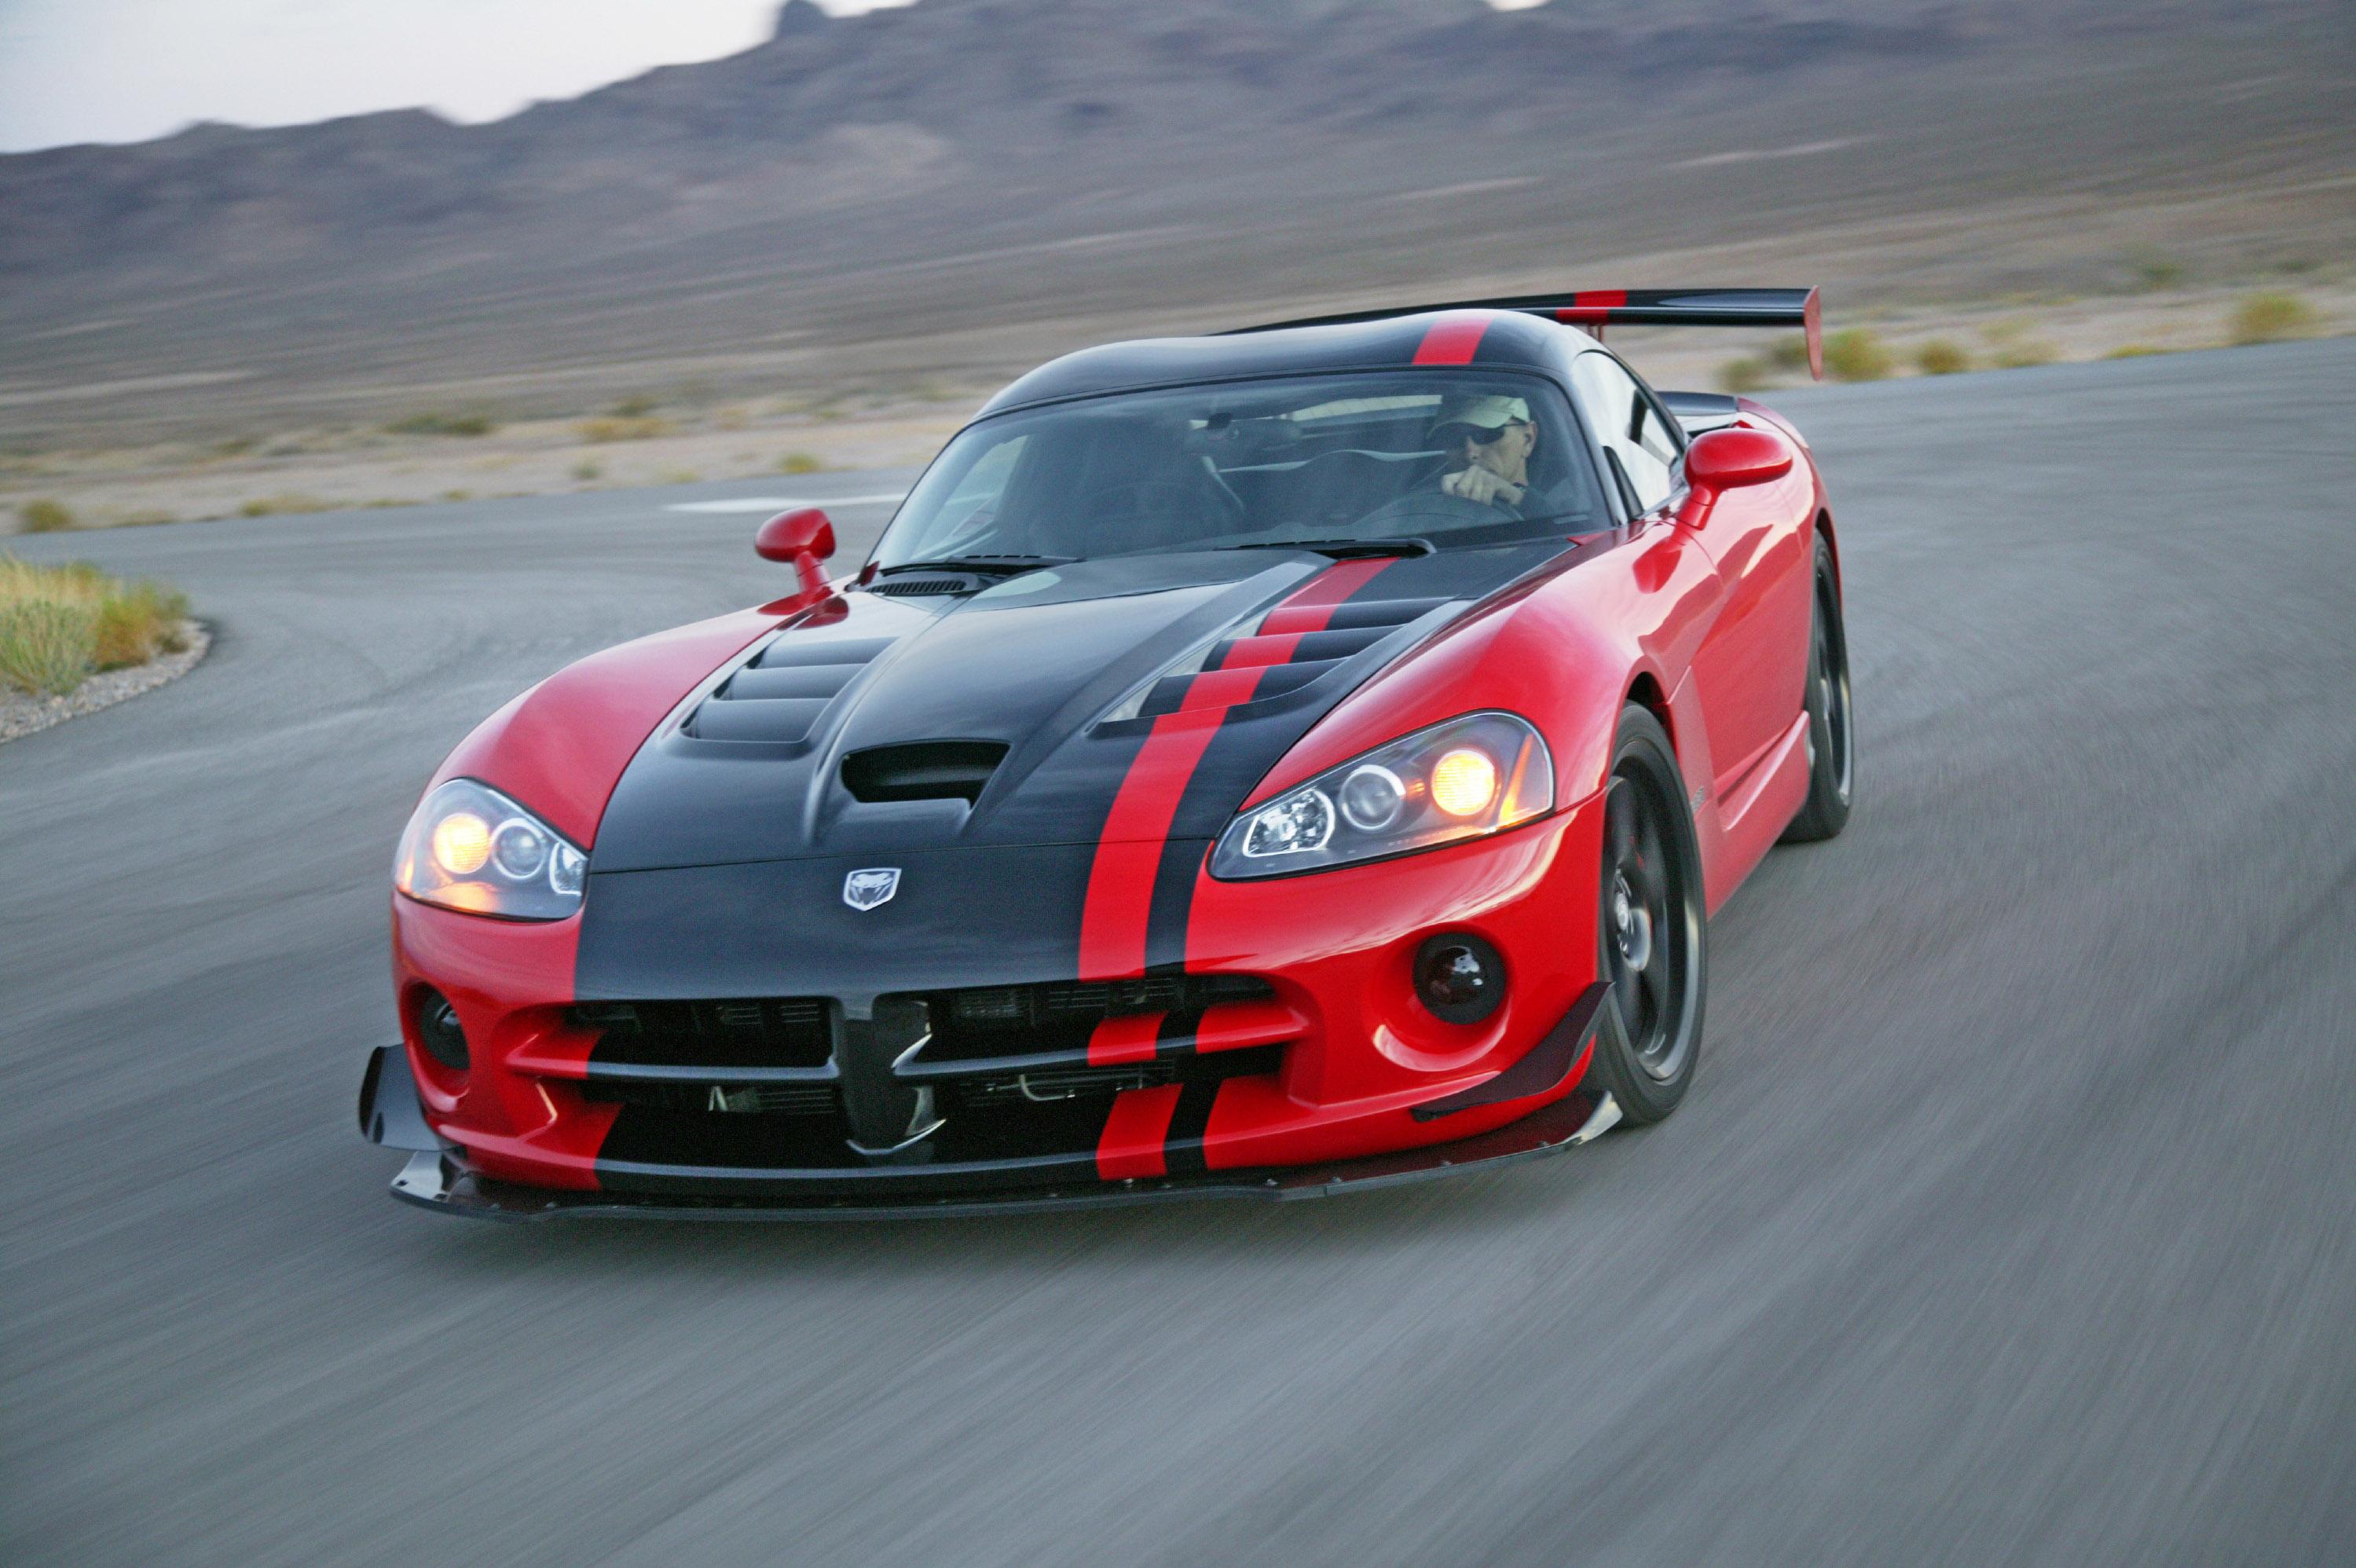 даже название спортивных машин и фото визажисты считают